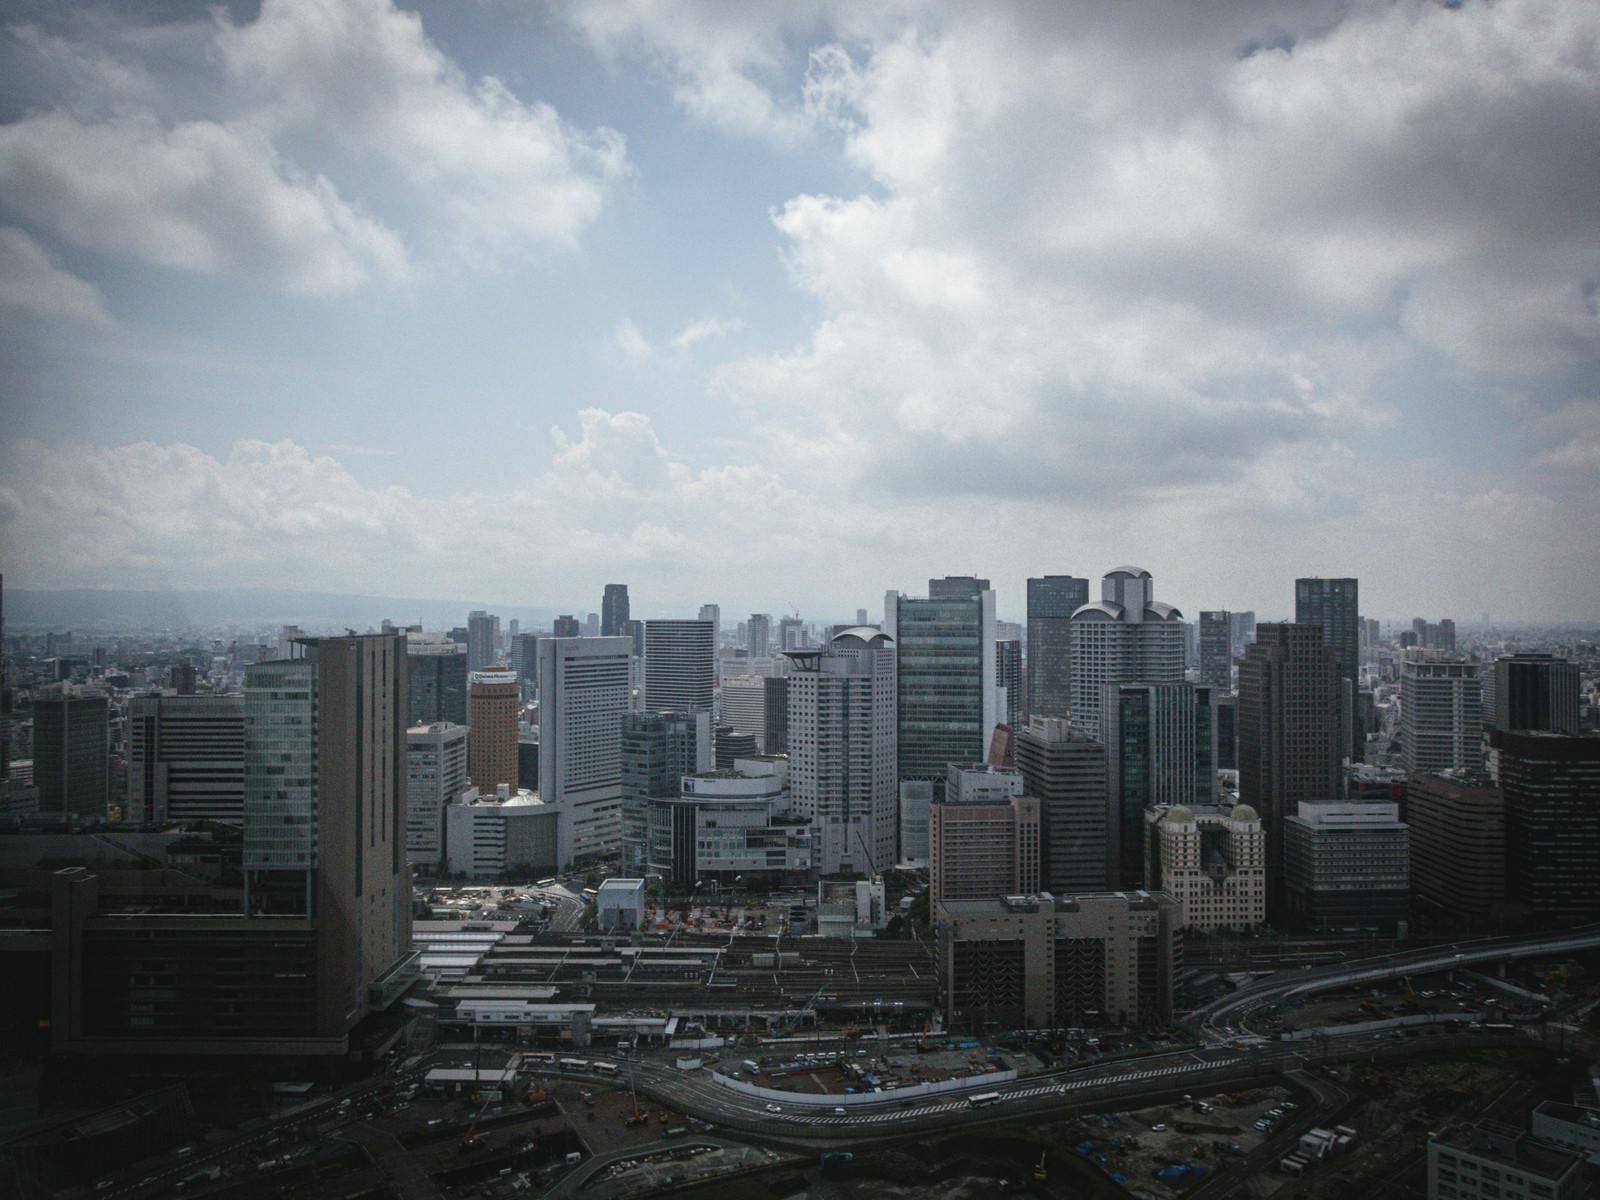 「開発が進む梅田のビル群と雲空」の写真